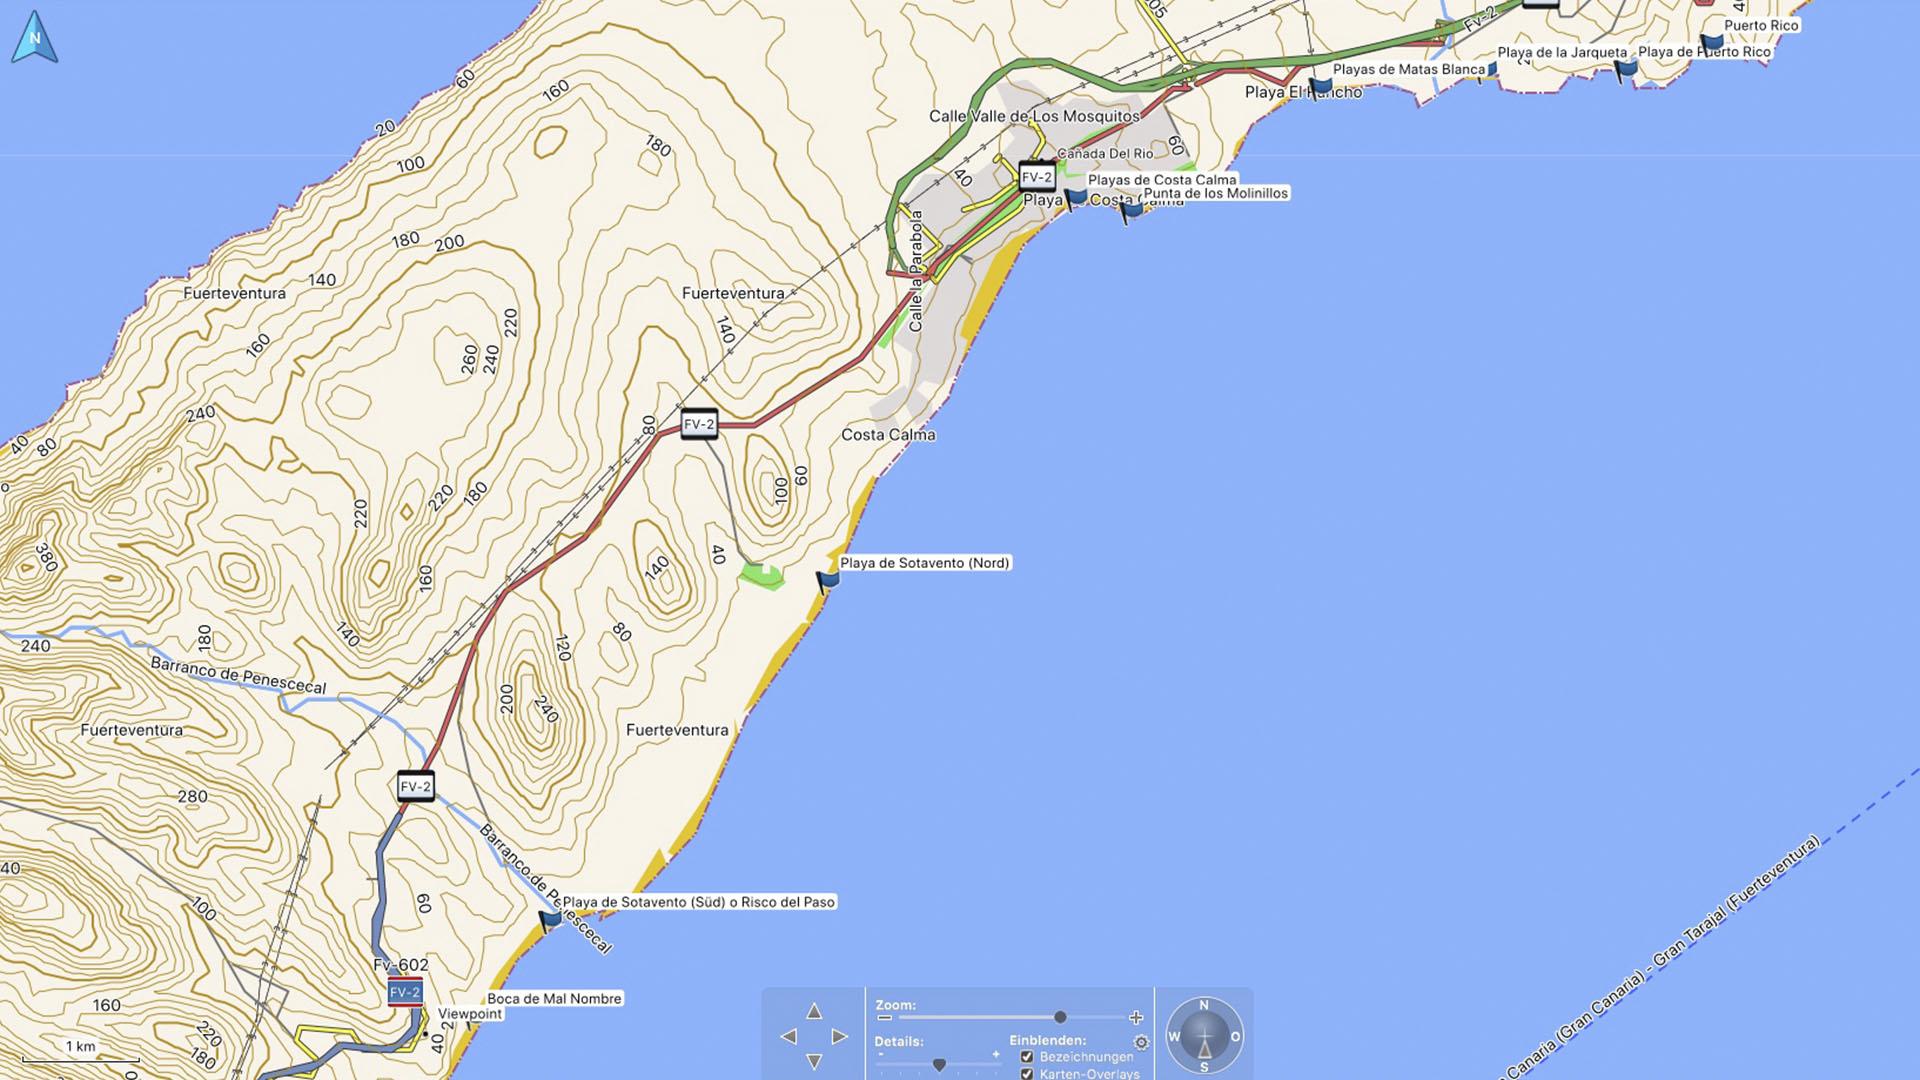 Fuerteventura Karte der Straende: Die Strände der Costa Calma.